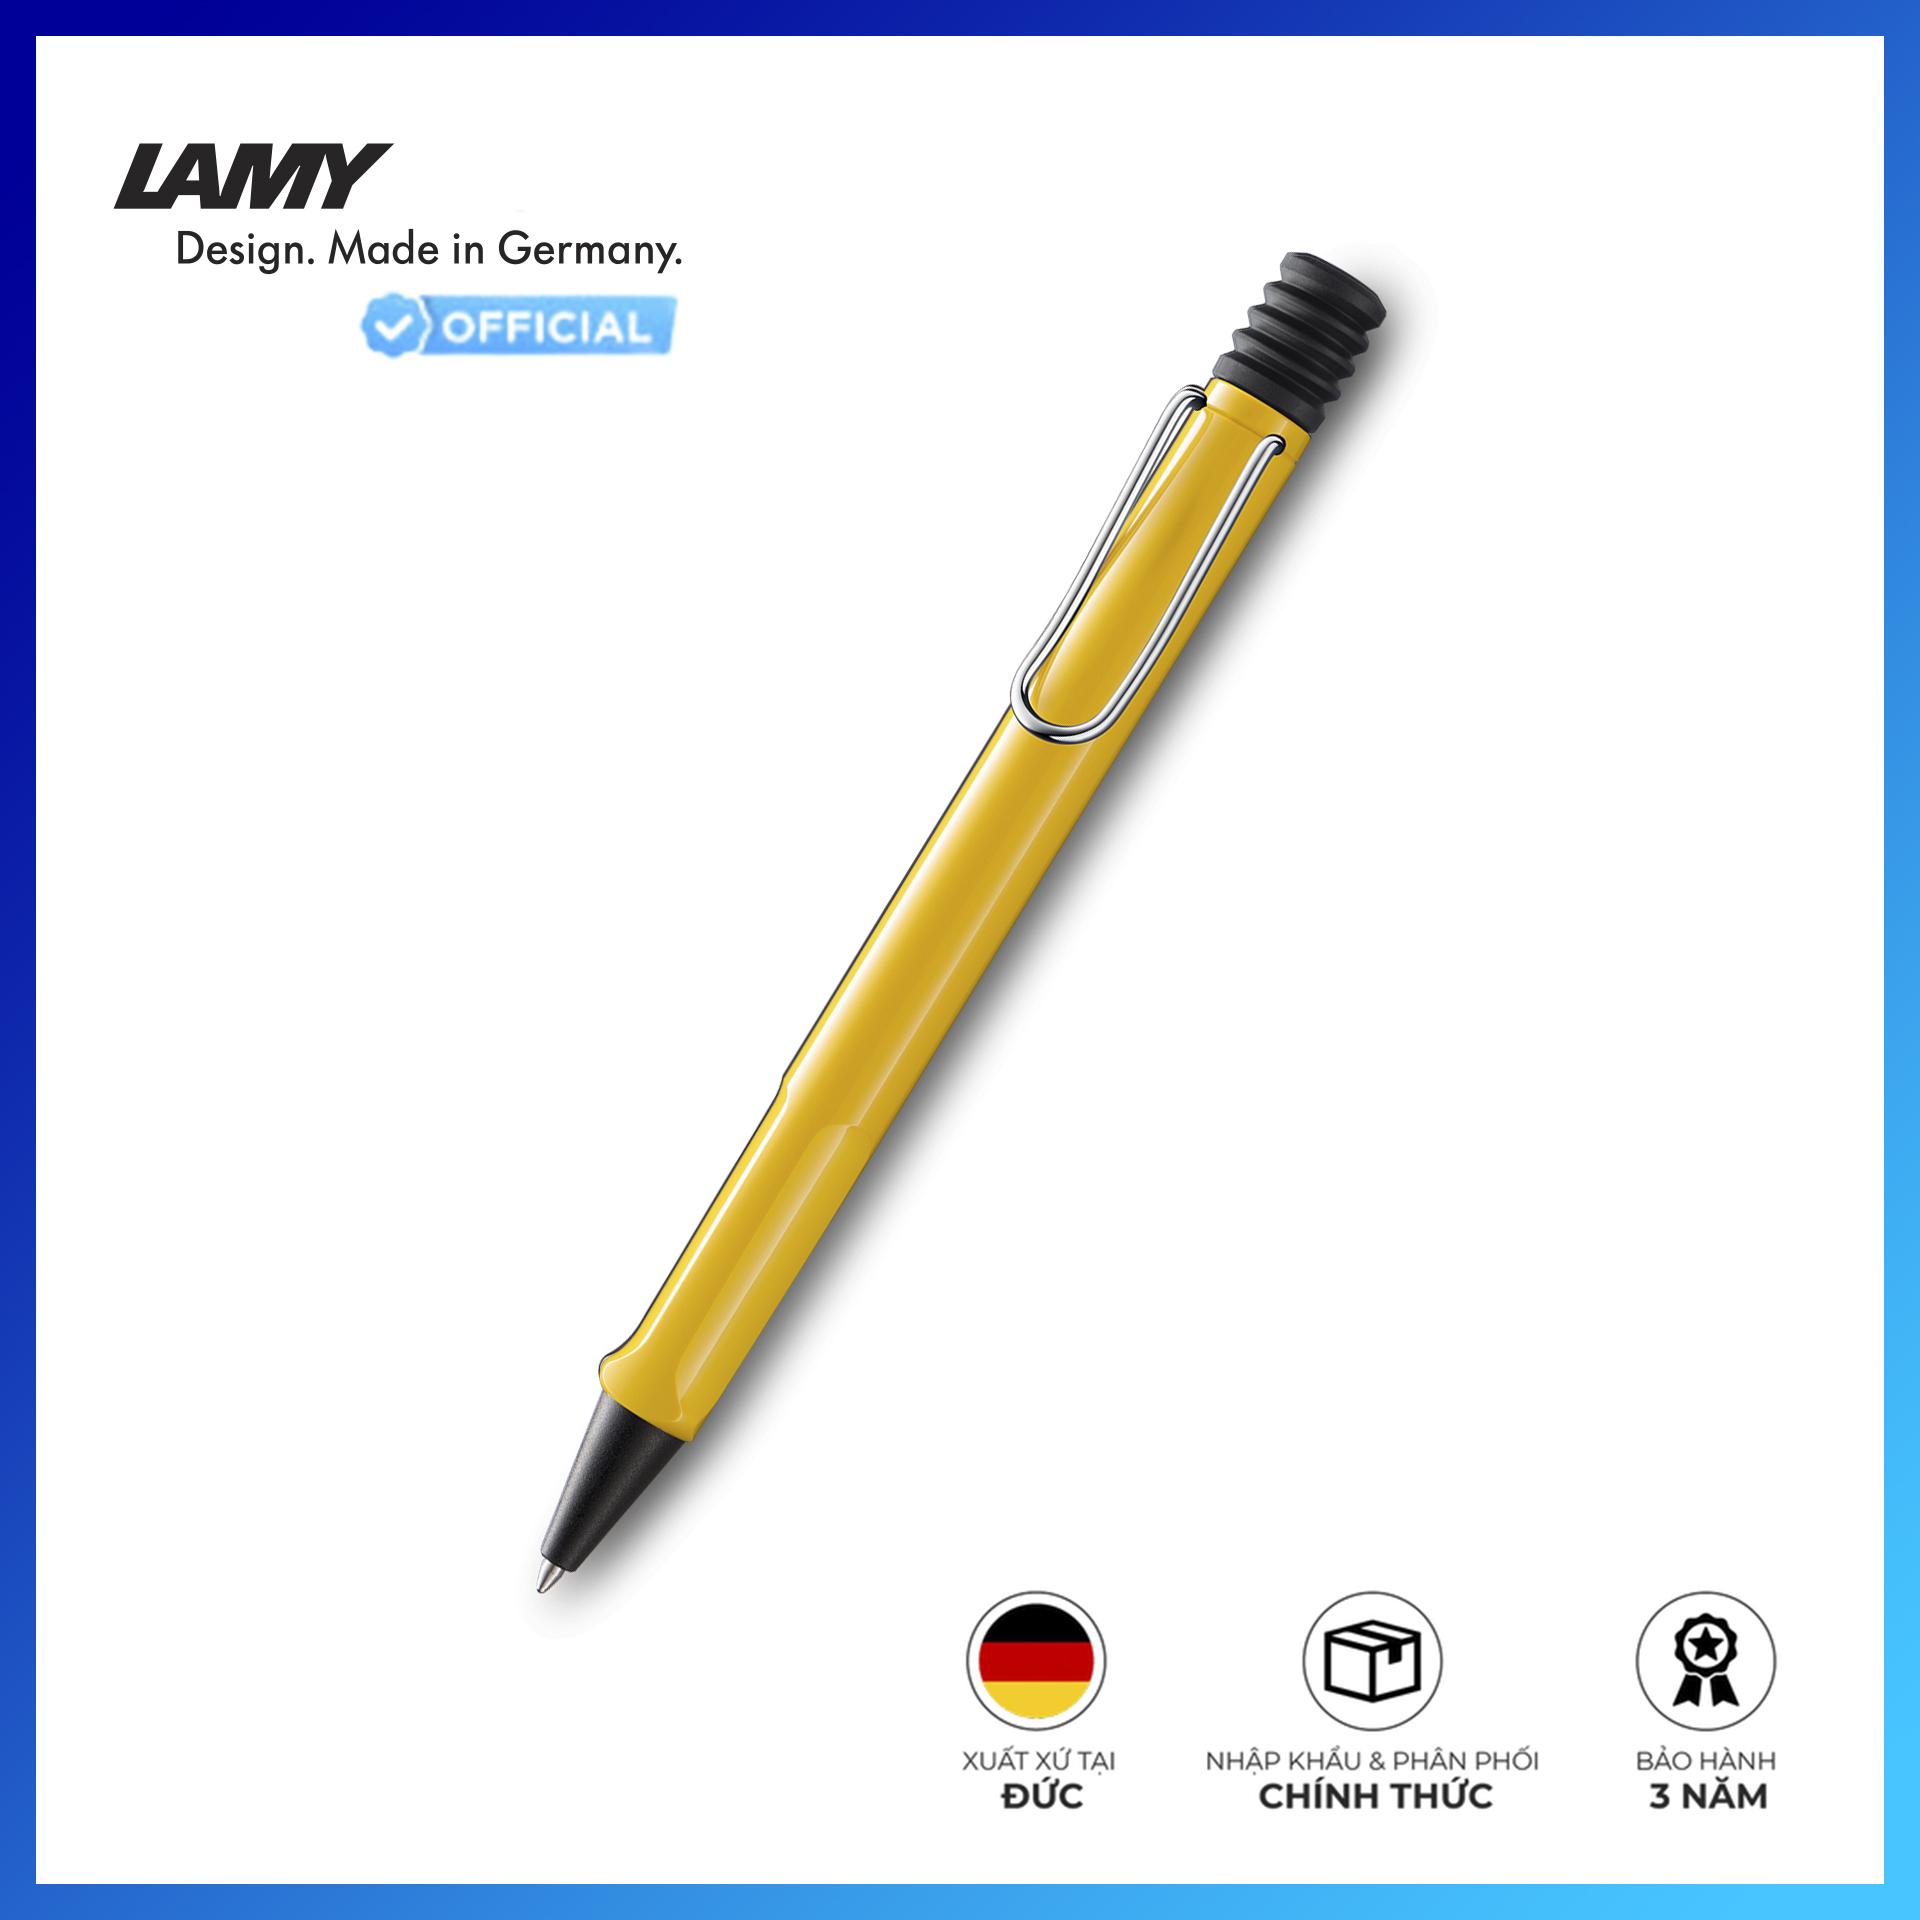 Viết Lamy 4000896 - Vàng